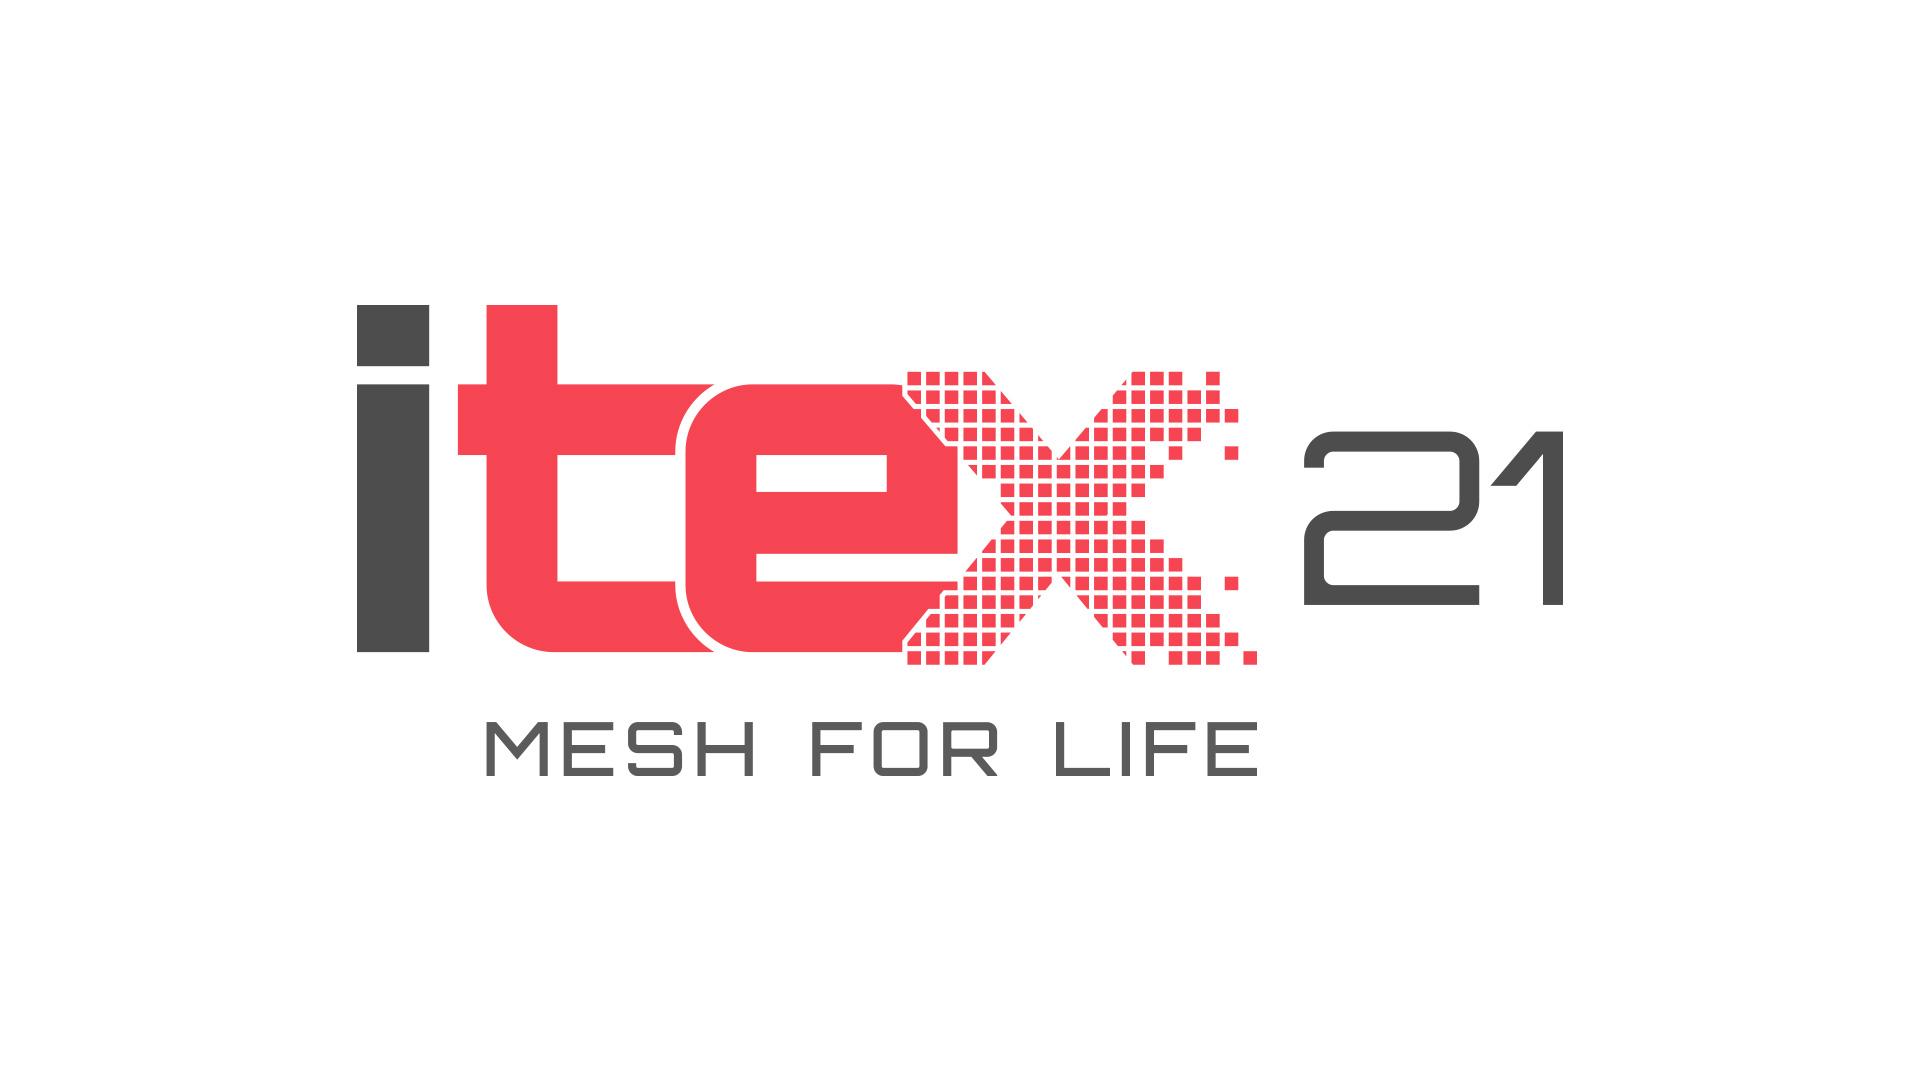 itex-estacionario-publicidade-design gráfico